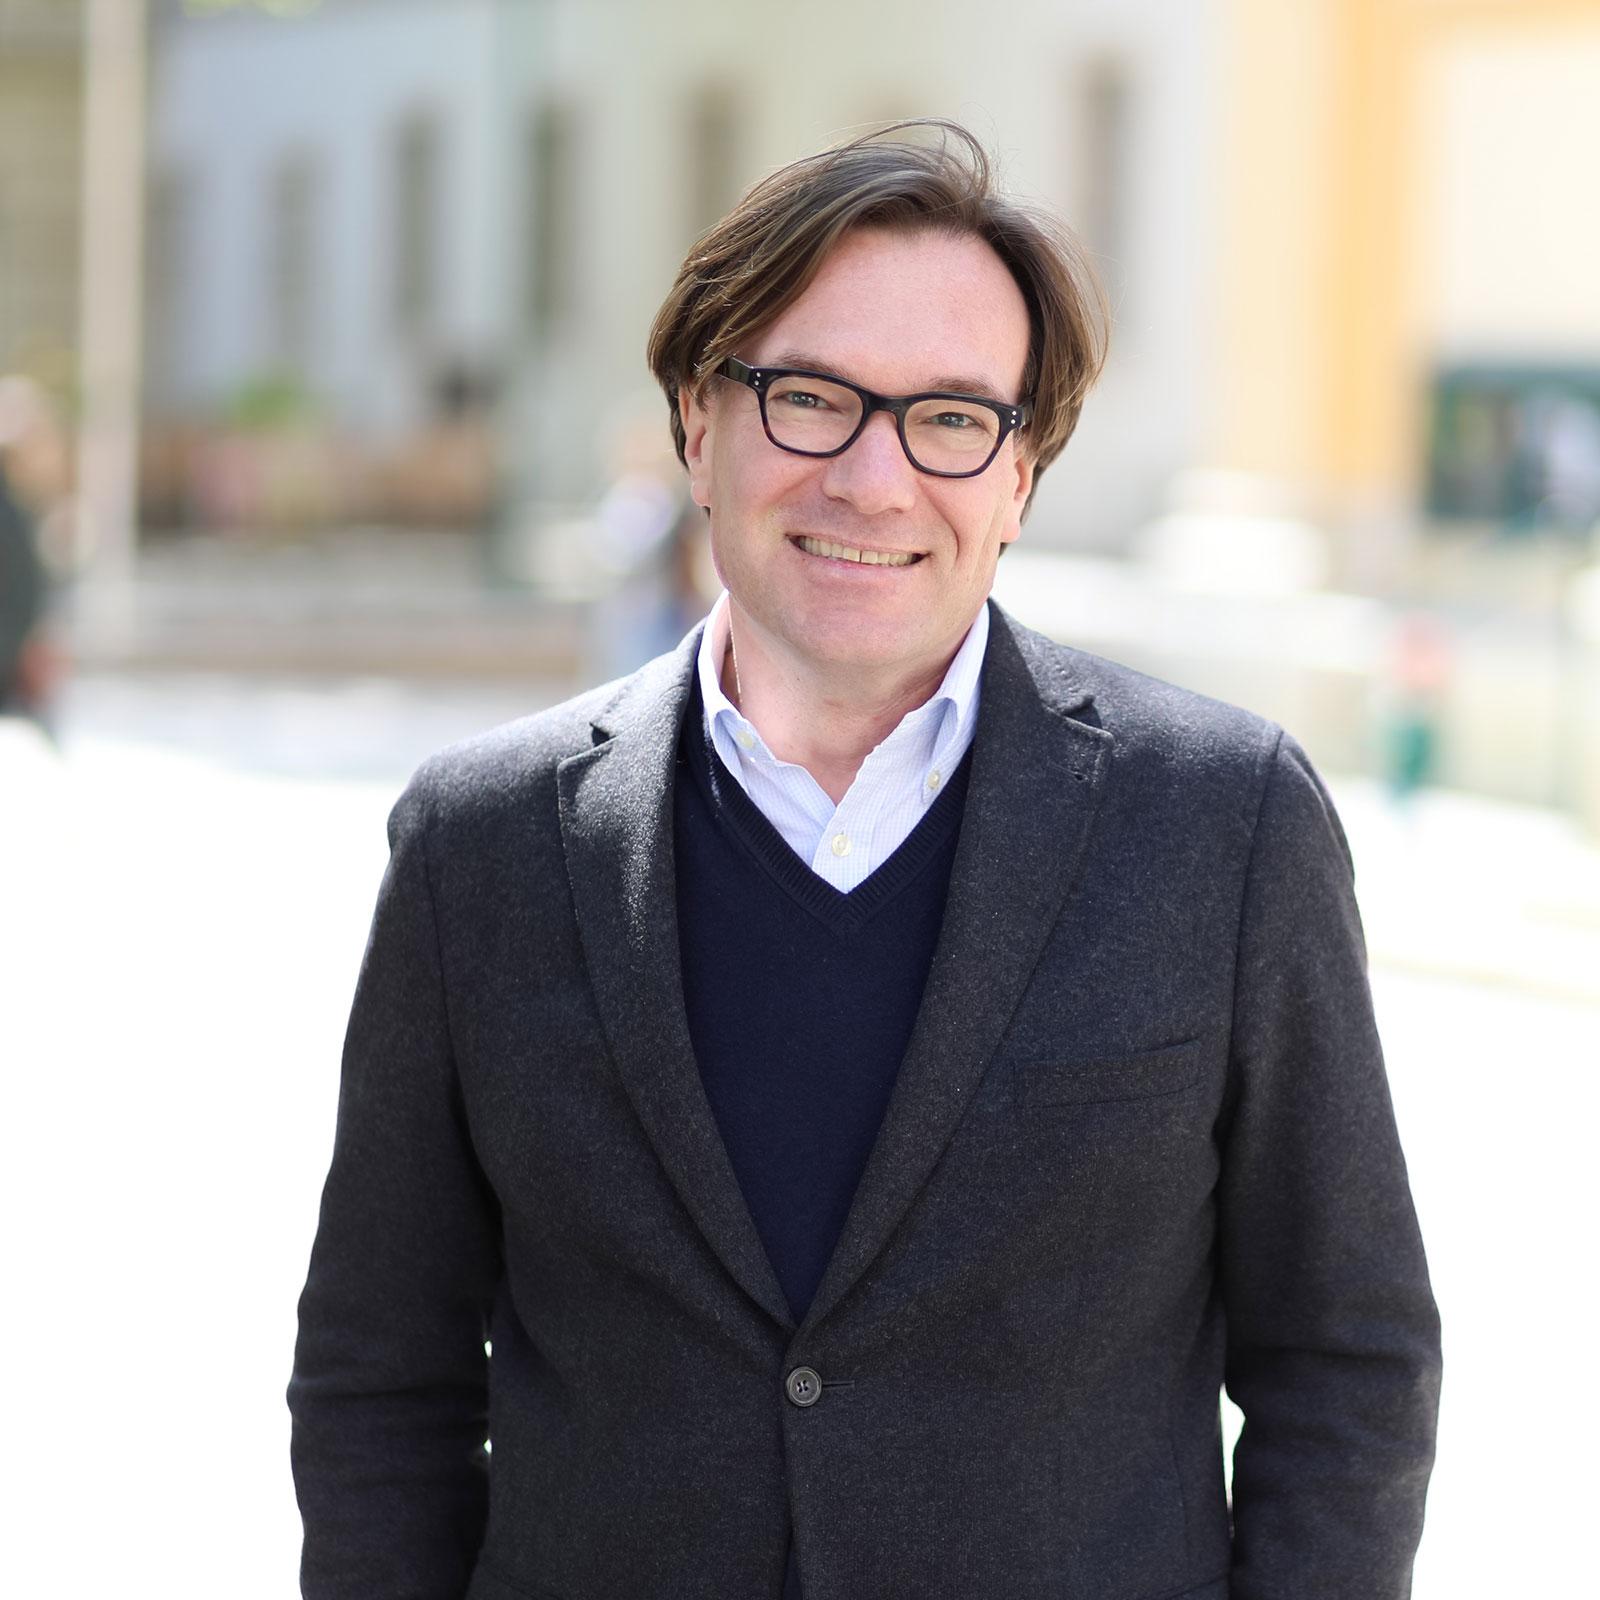 Abbildung von Stefan Polke mit Brille, Anzug und Hemd.